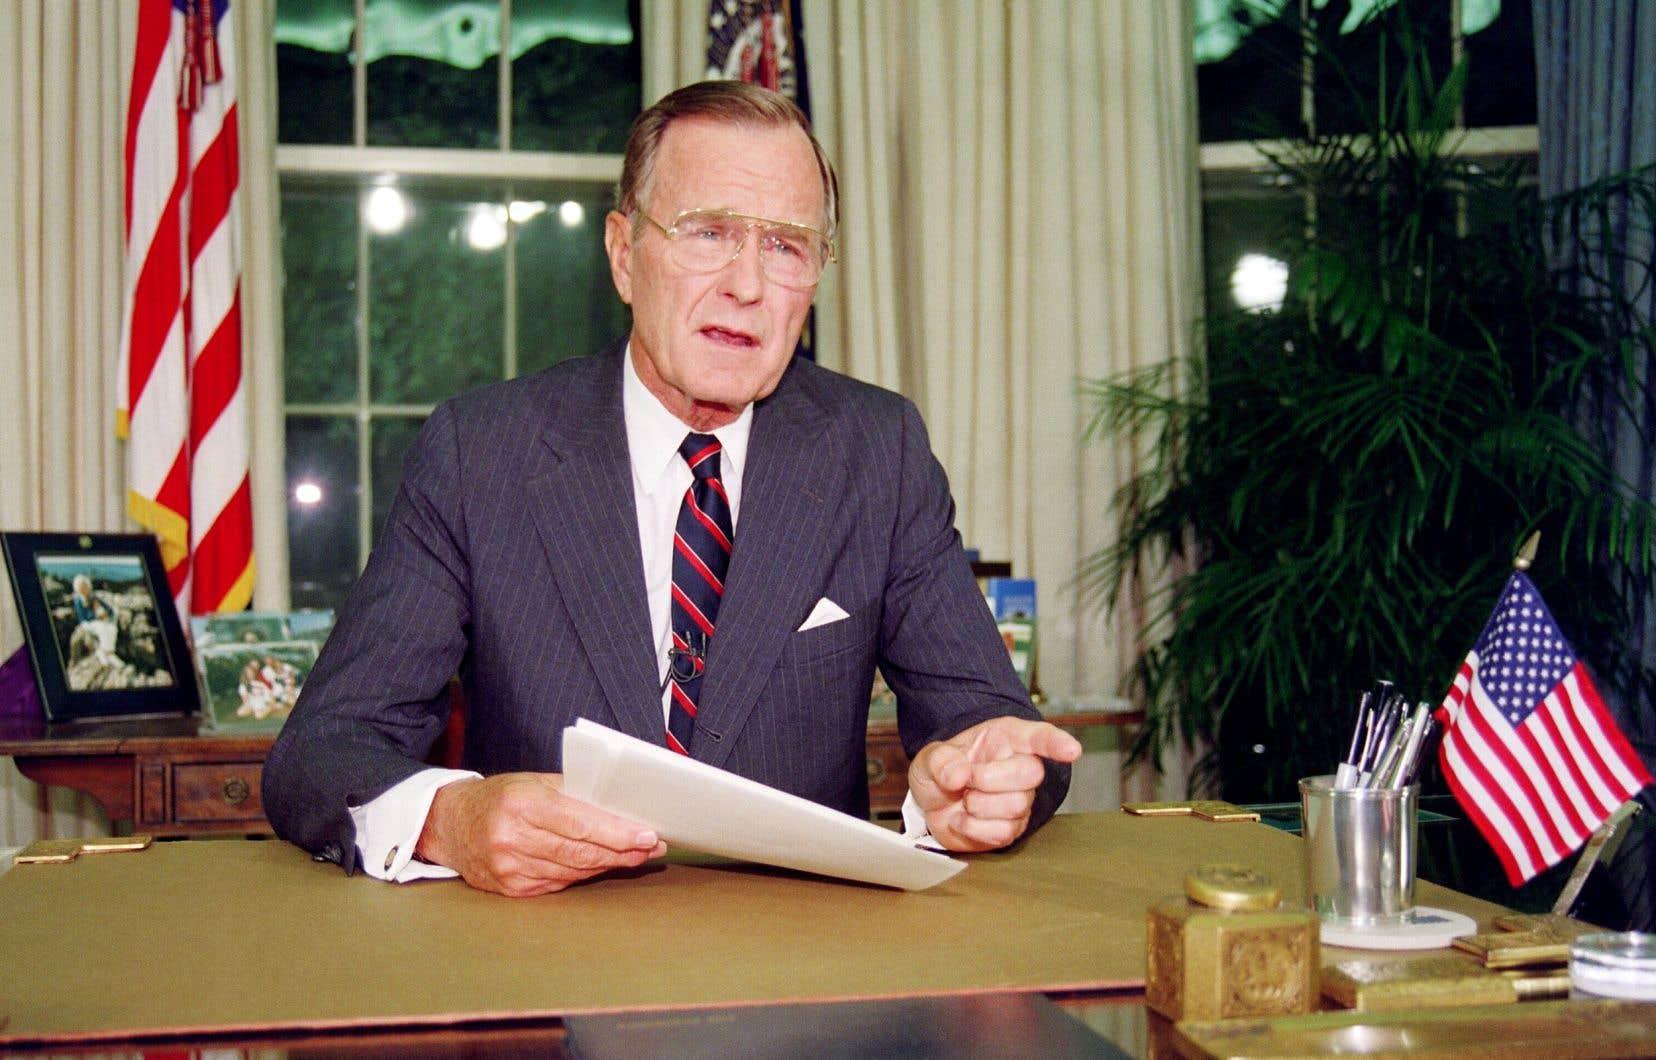 Comme Gerald Ford (2006), Ronald Reagan (2004) ou Richard Nixon (1994) avant lui, le 41eprésident américain sera enterré selon le protocole des obsèques d'État.